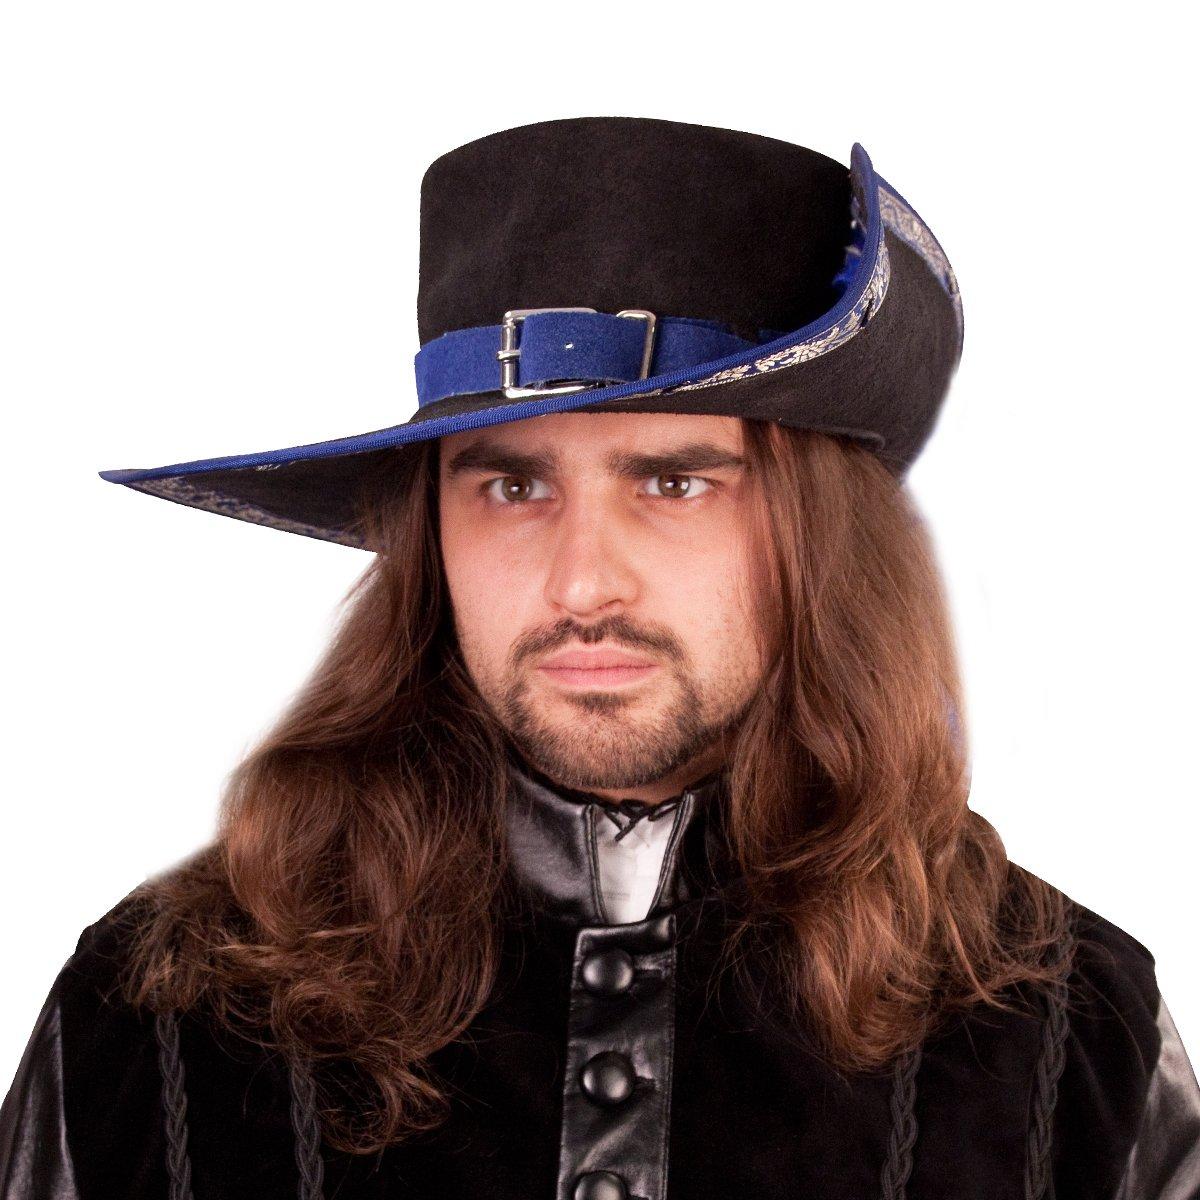 Men's Renaissance Suede Blue Banded Cavalier Hat - DeluxeAdultCostumes.com